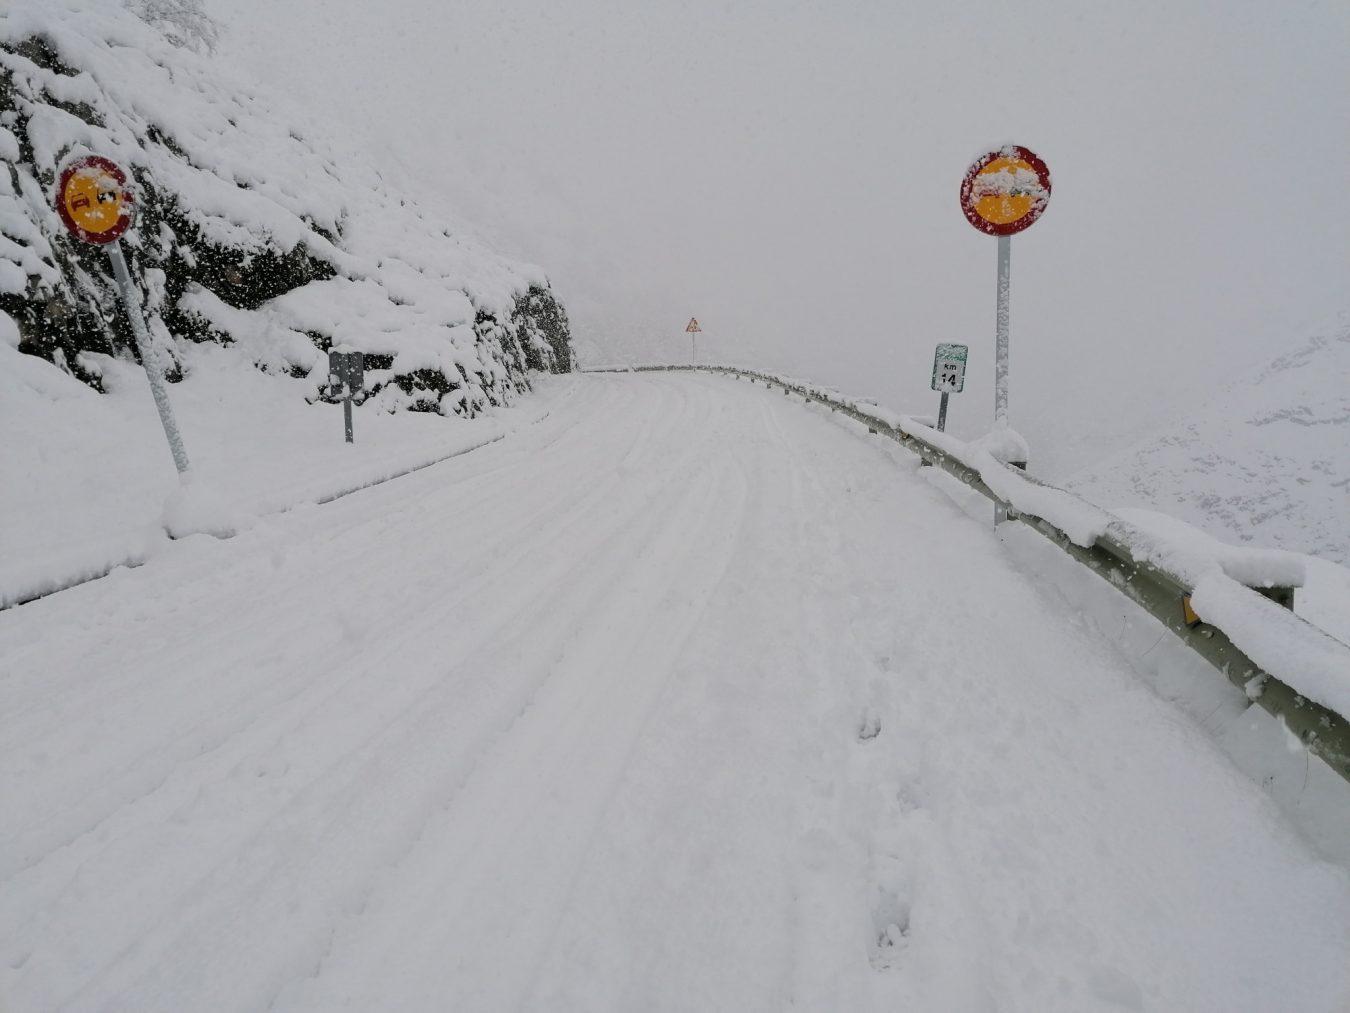 Asturias de nuevo en alerta por nevadas, aludes, fuertes vientos y oleaje